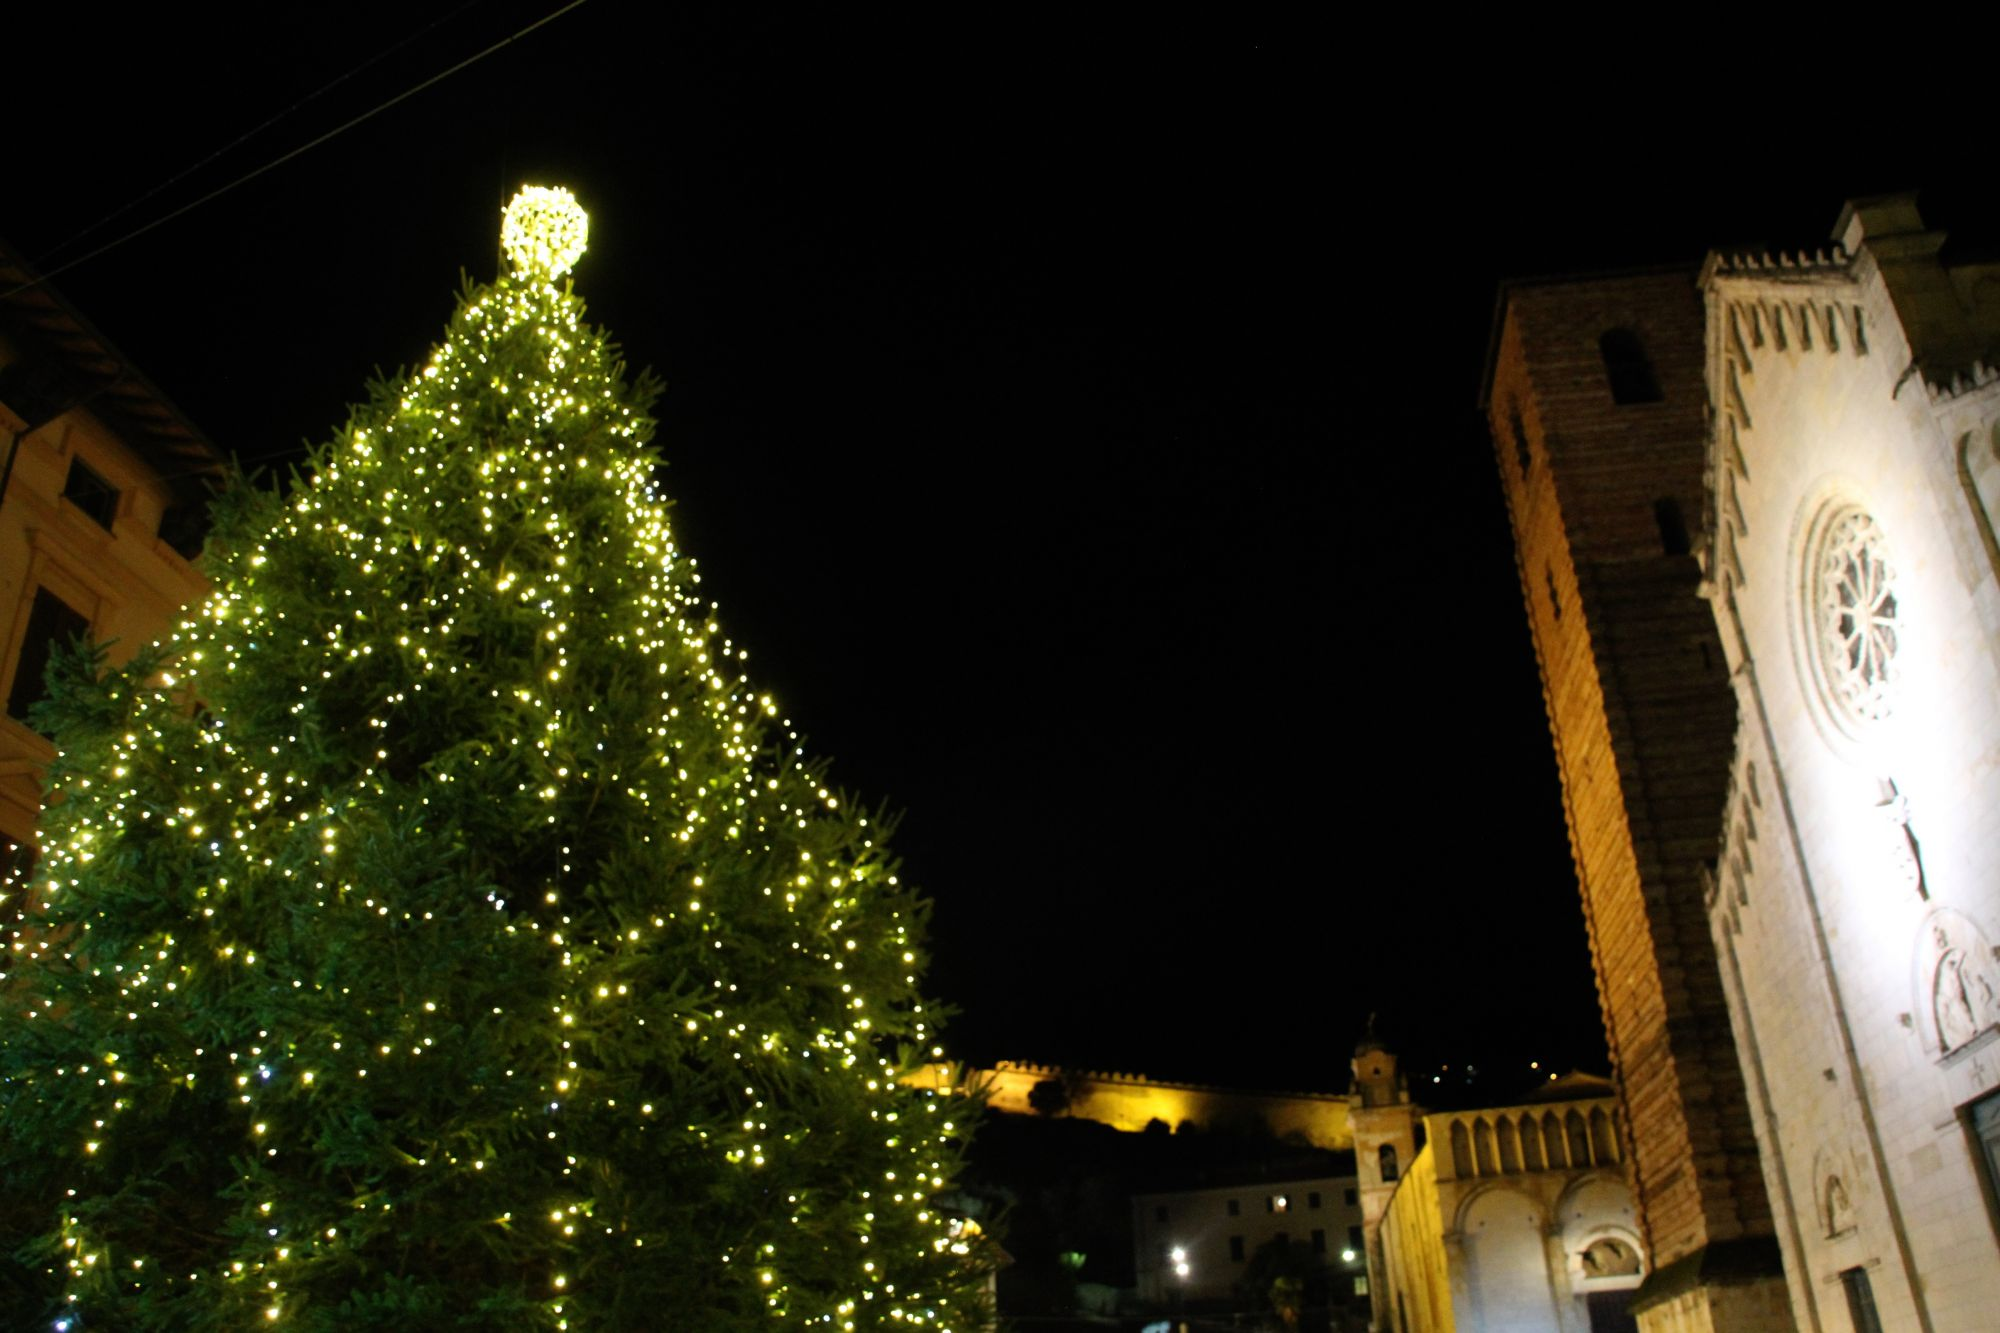 """Il sindaco Giovannetti """"Il Covid non spegnerà le luci sulla città. Speranza e resilienza"""""""